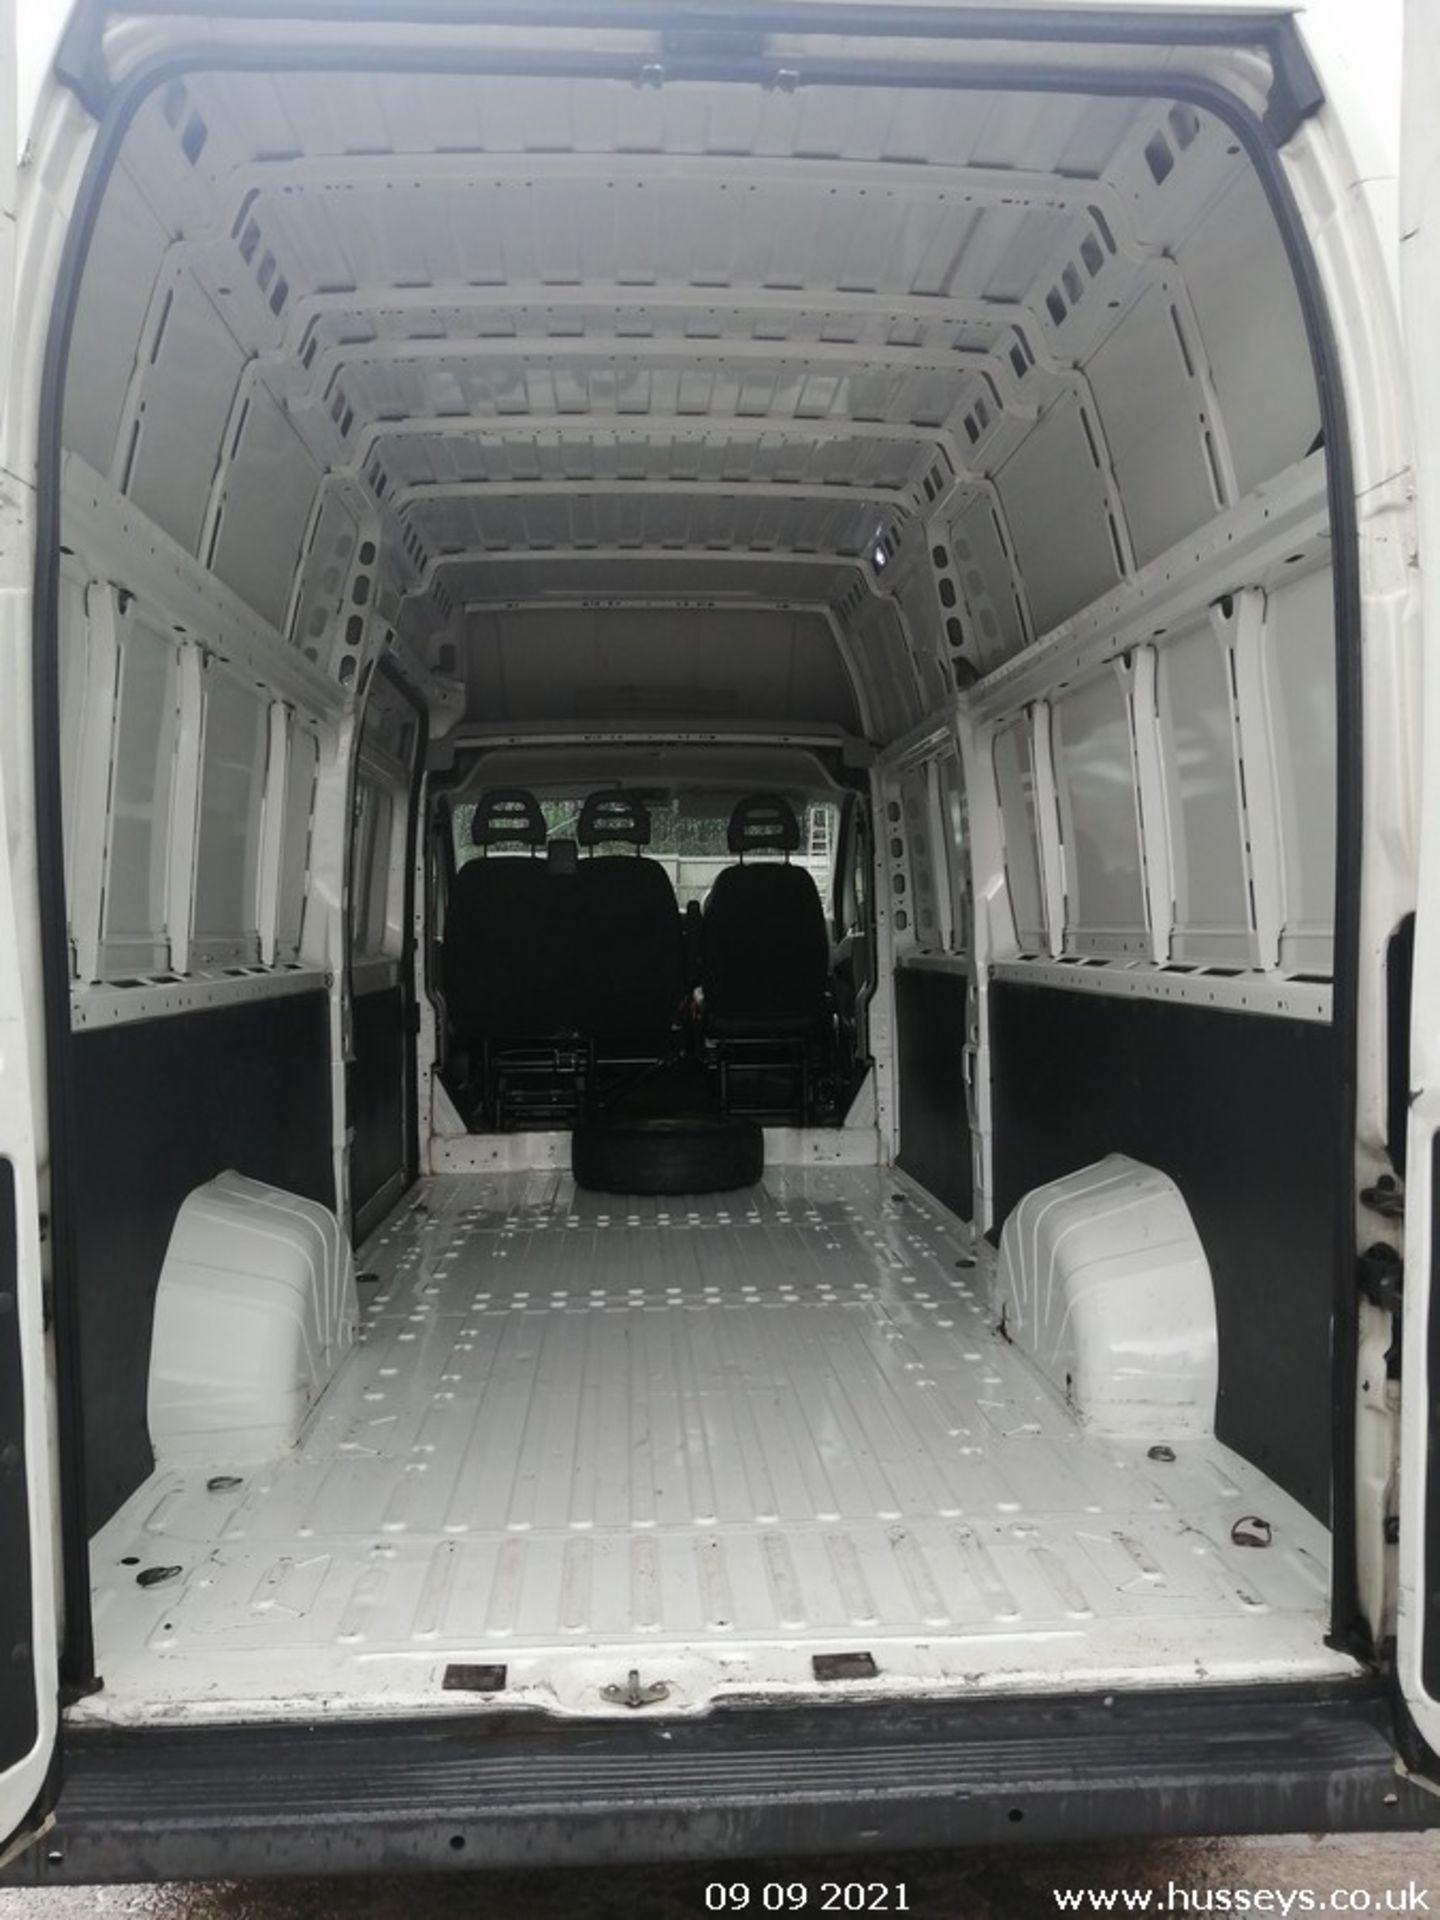 11/61 FIAT DUCATO 35 MAXI160 M-J LWB - 2999cc 5dr Van (White, 108k) - Image 10 of 12